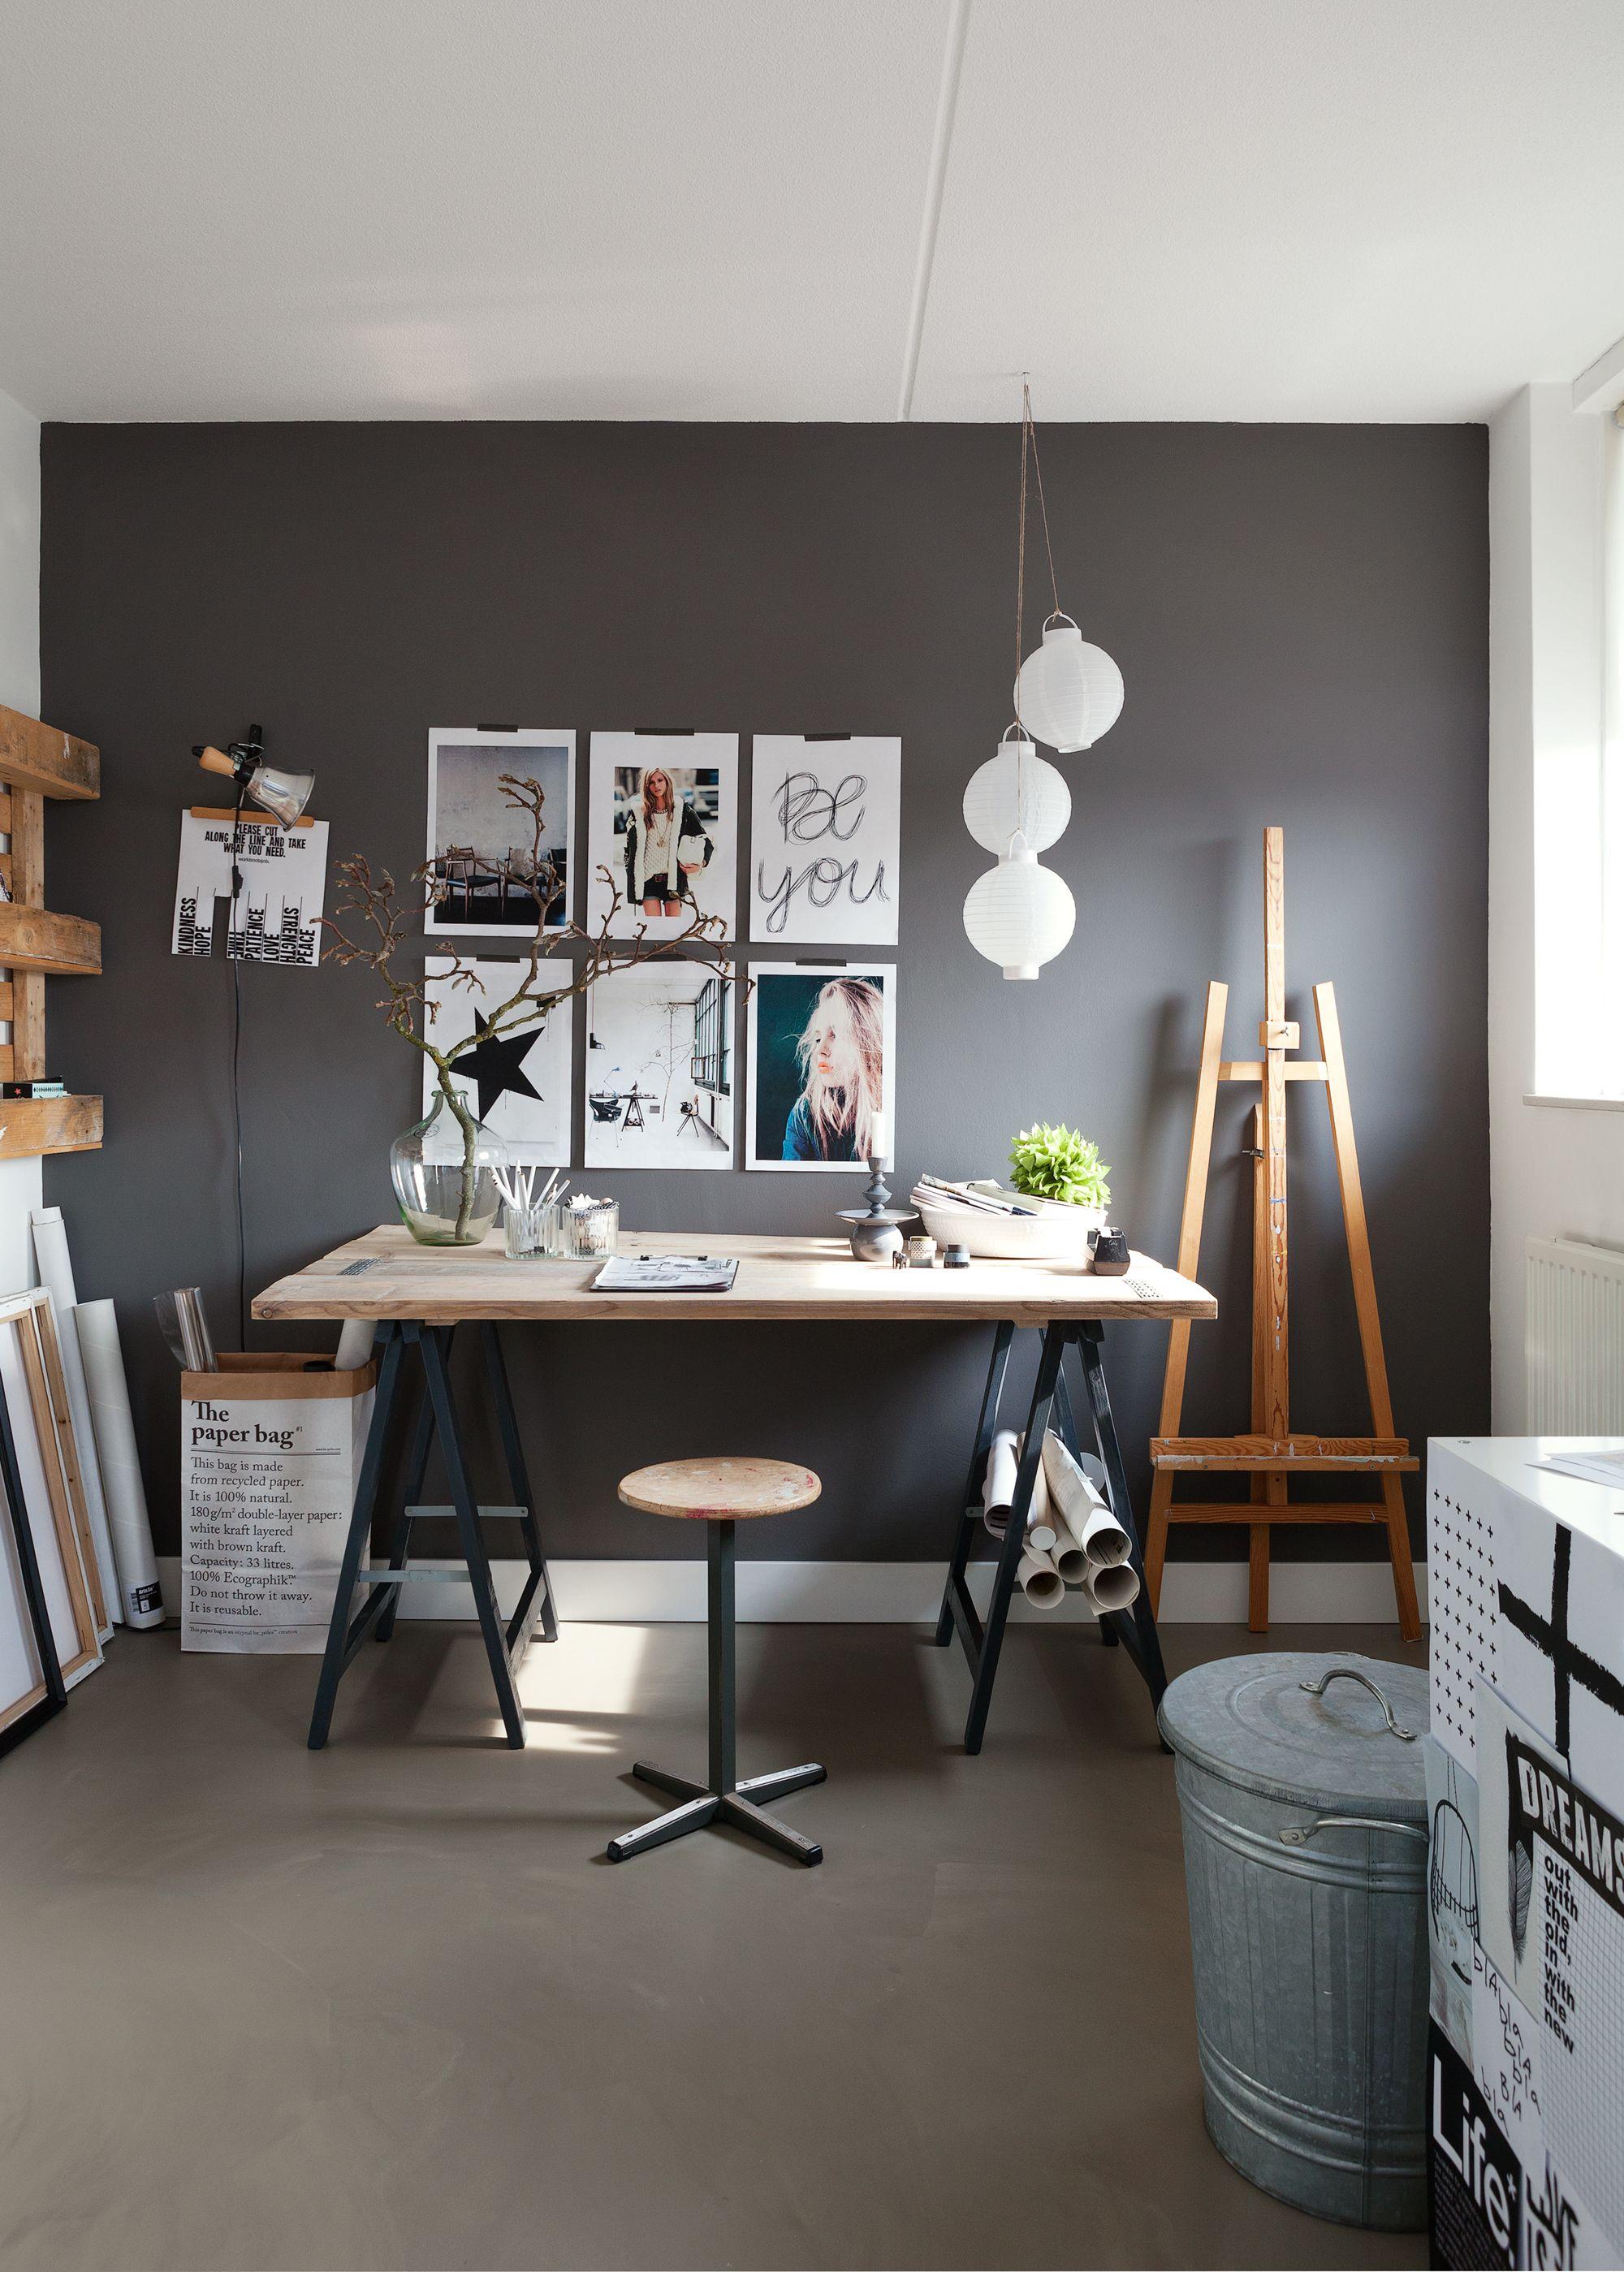 Idee Creative Per La Casa peaceful home office (con immagini) | arredamento d'interni